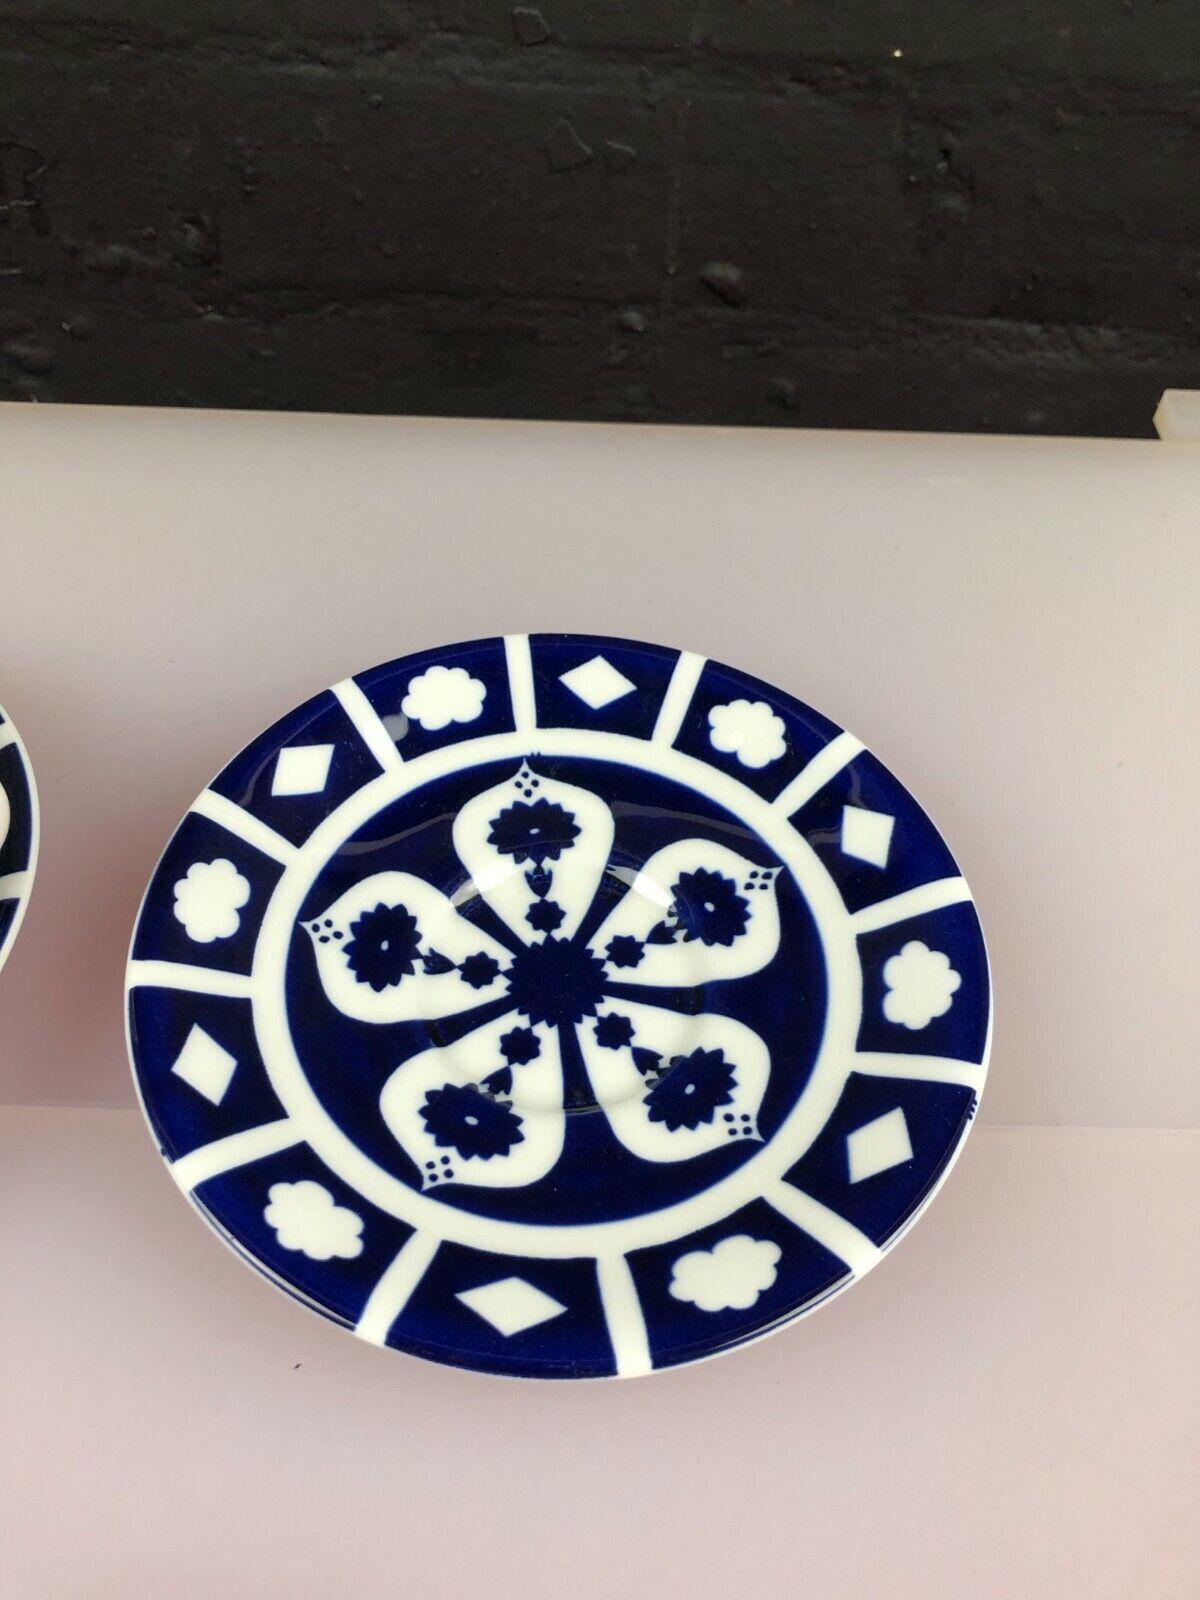 Image 4 - 2 x Royal Crown Derby Unfinished Imari 1128 Elizabeth Tea Cups & Saucers 5 Sets